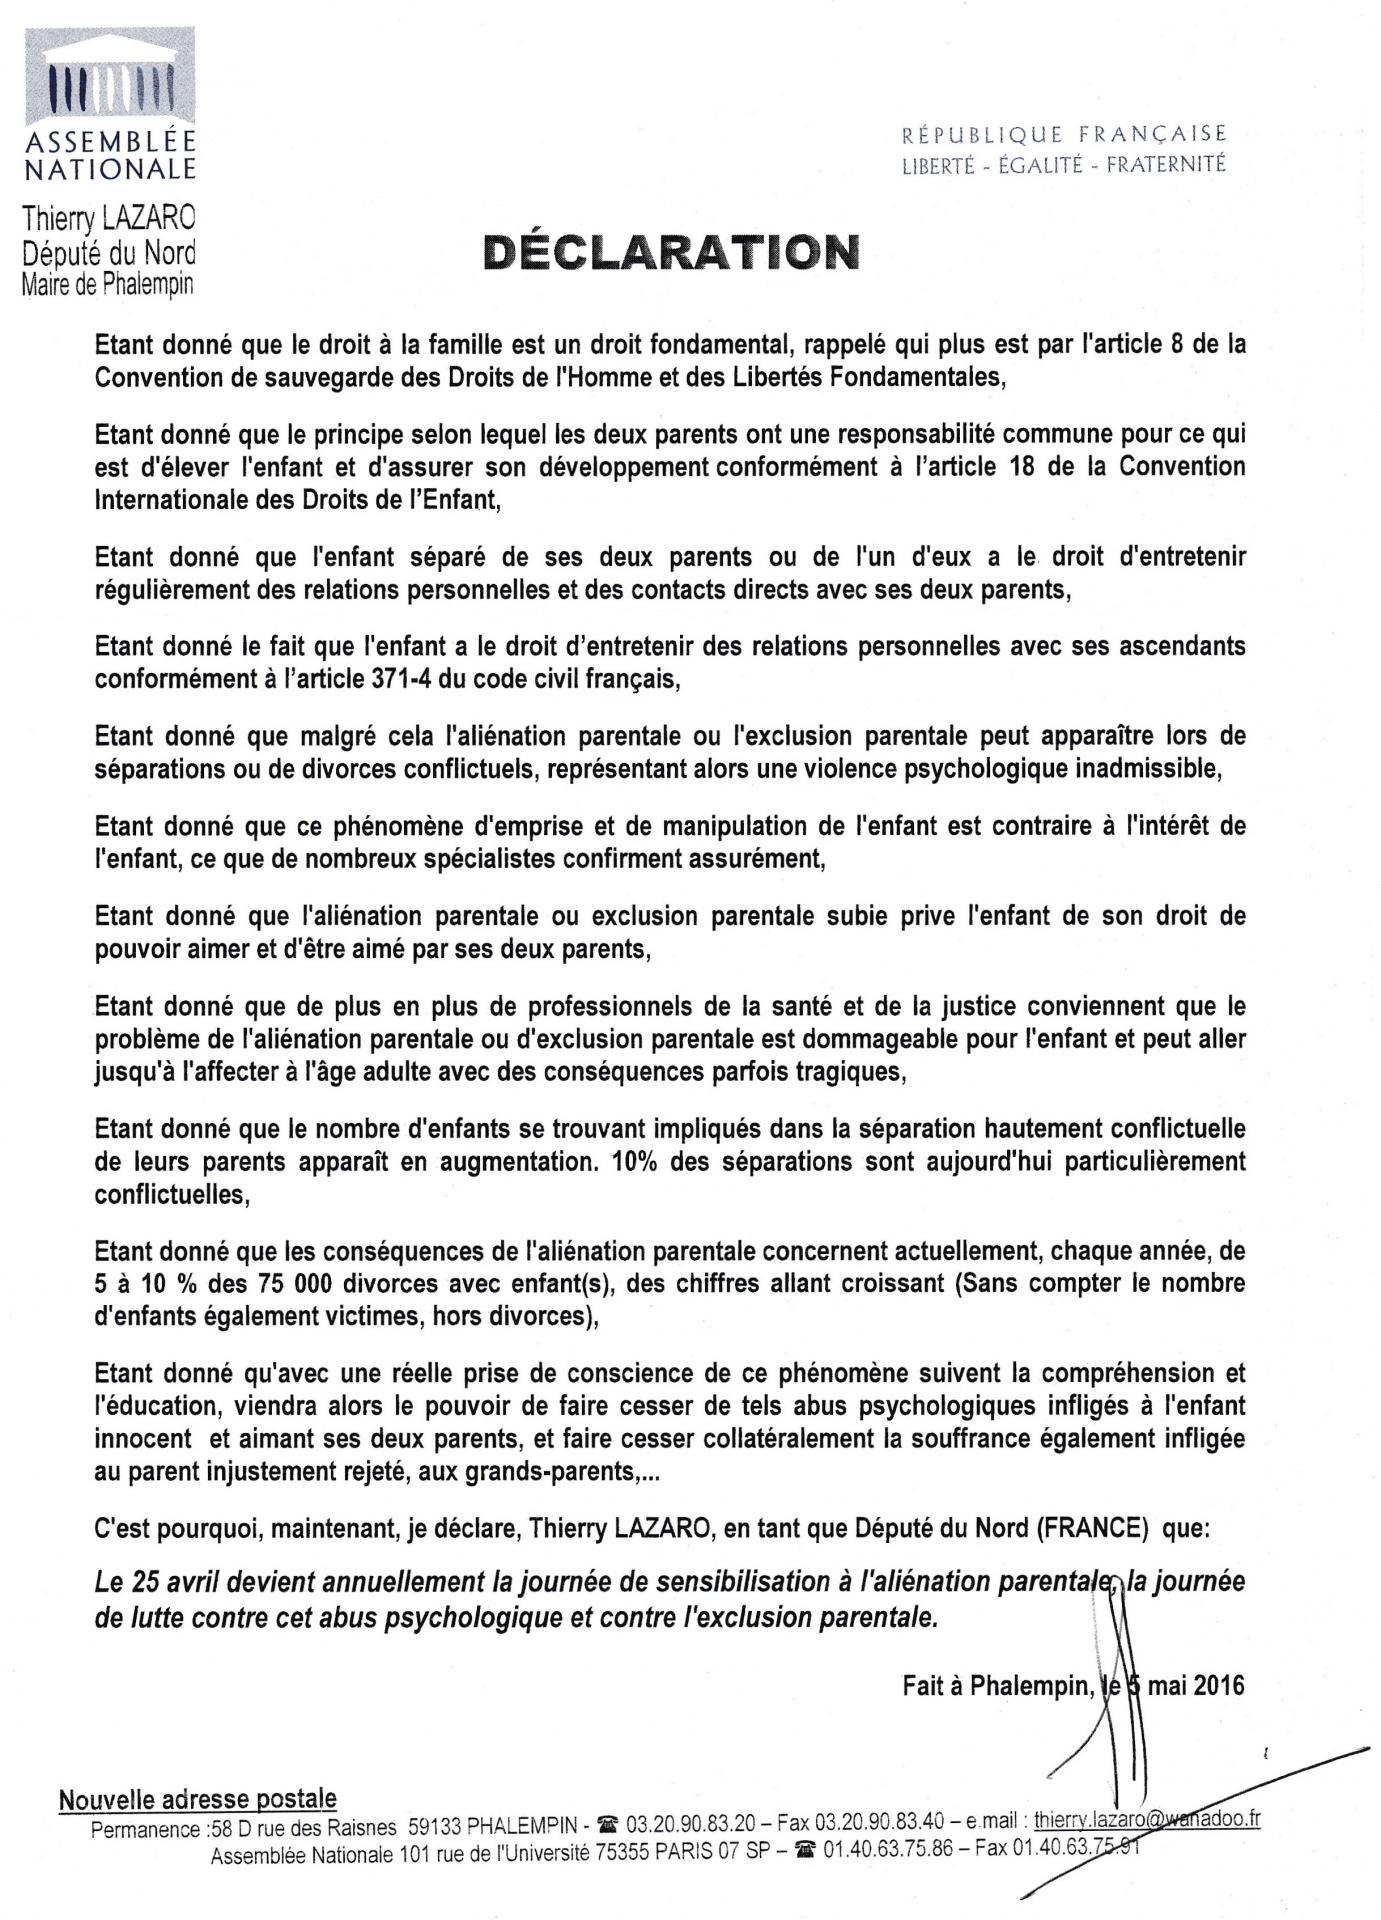 Declaration 05 05 2016 depute du nord lazaro